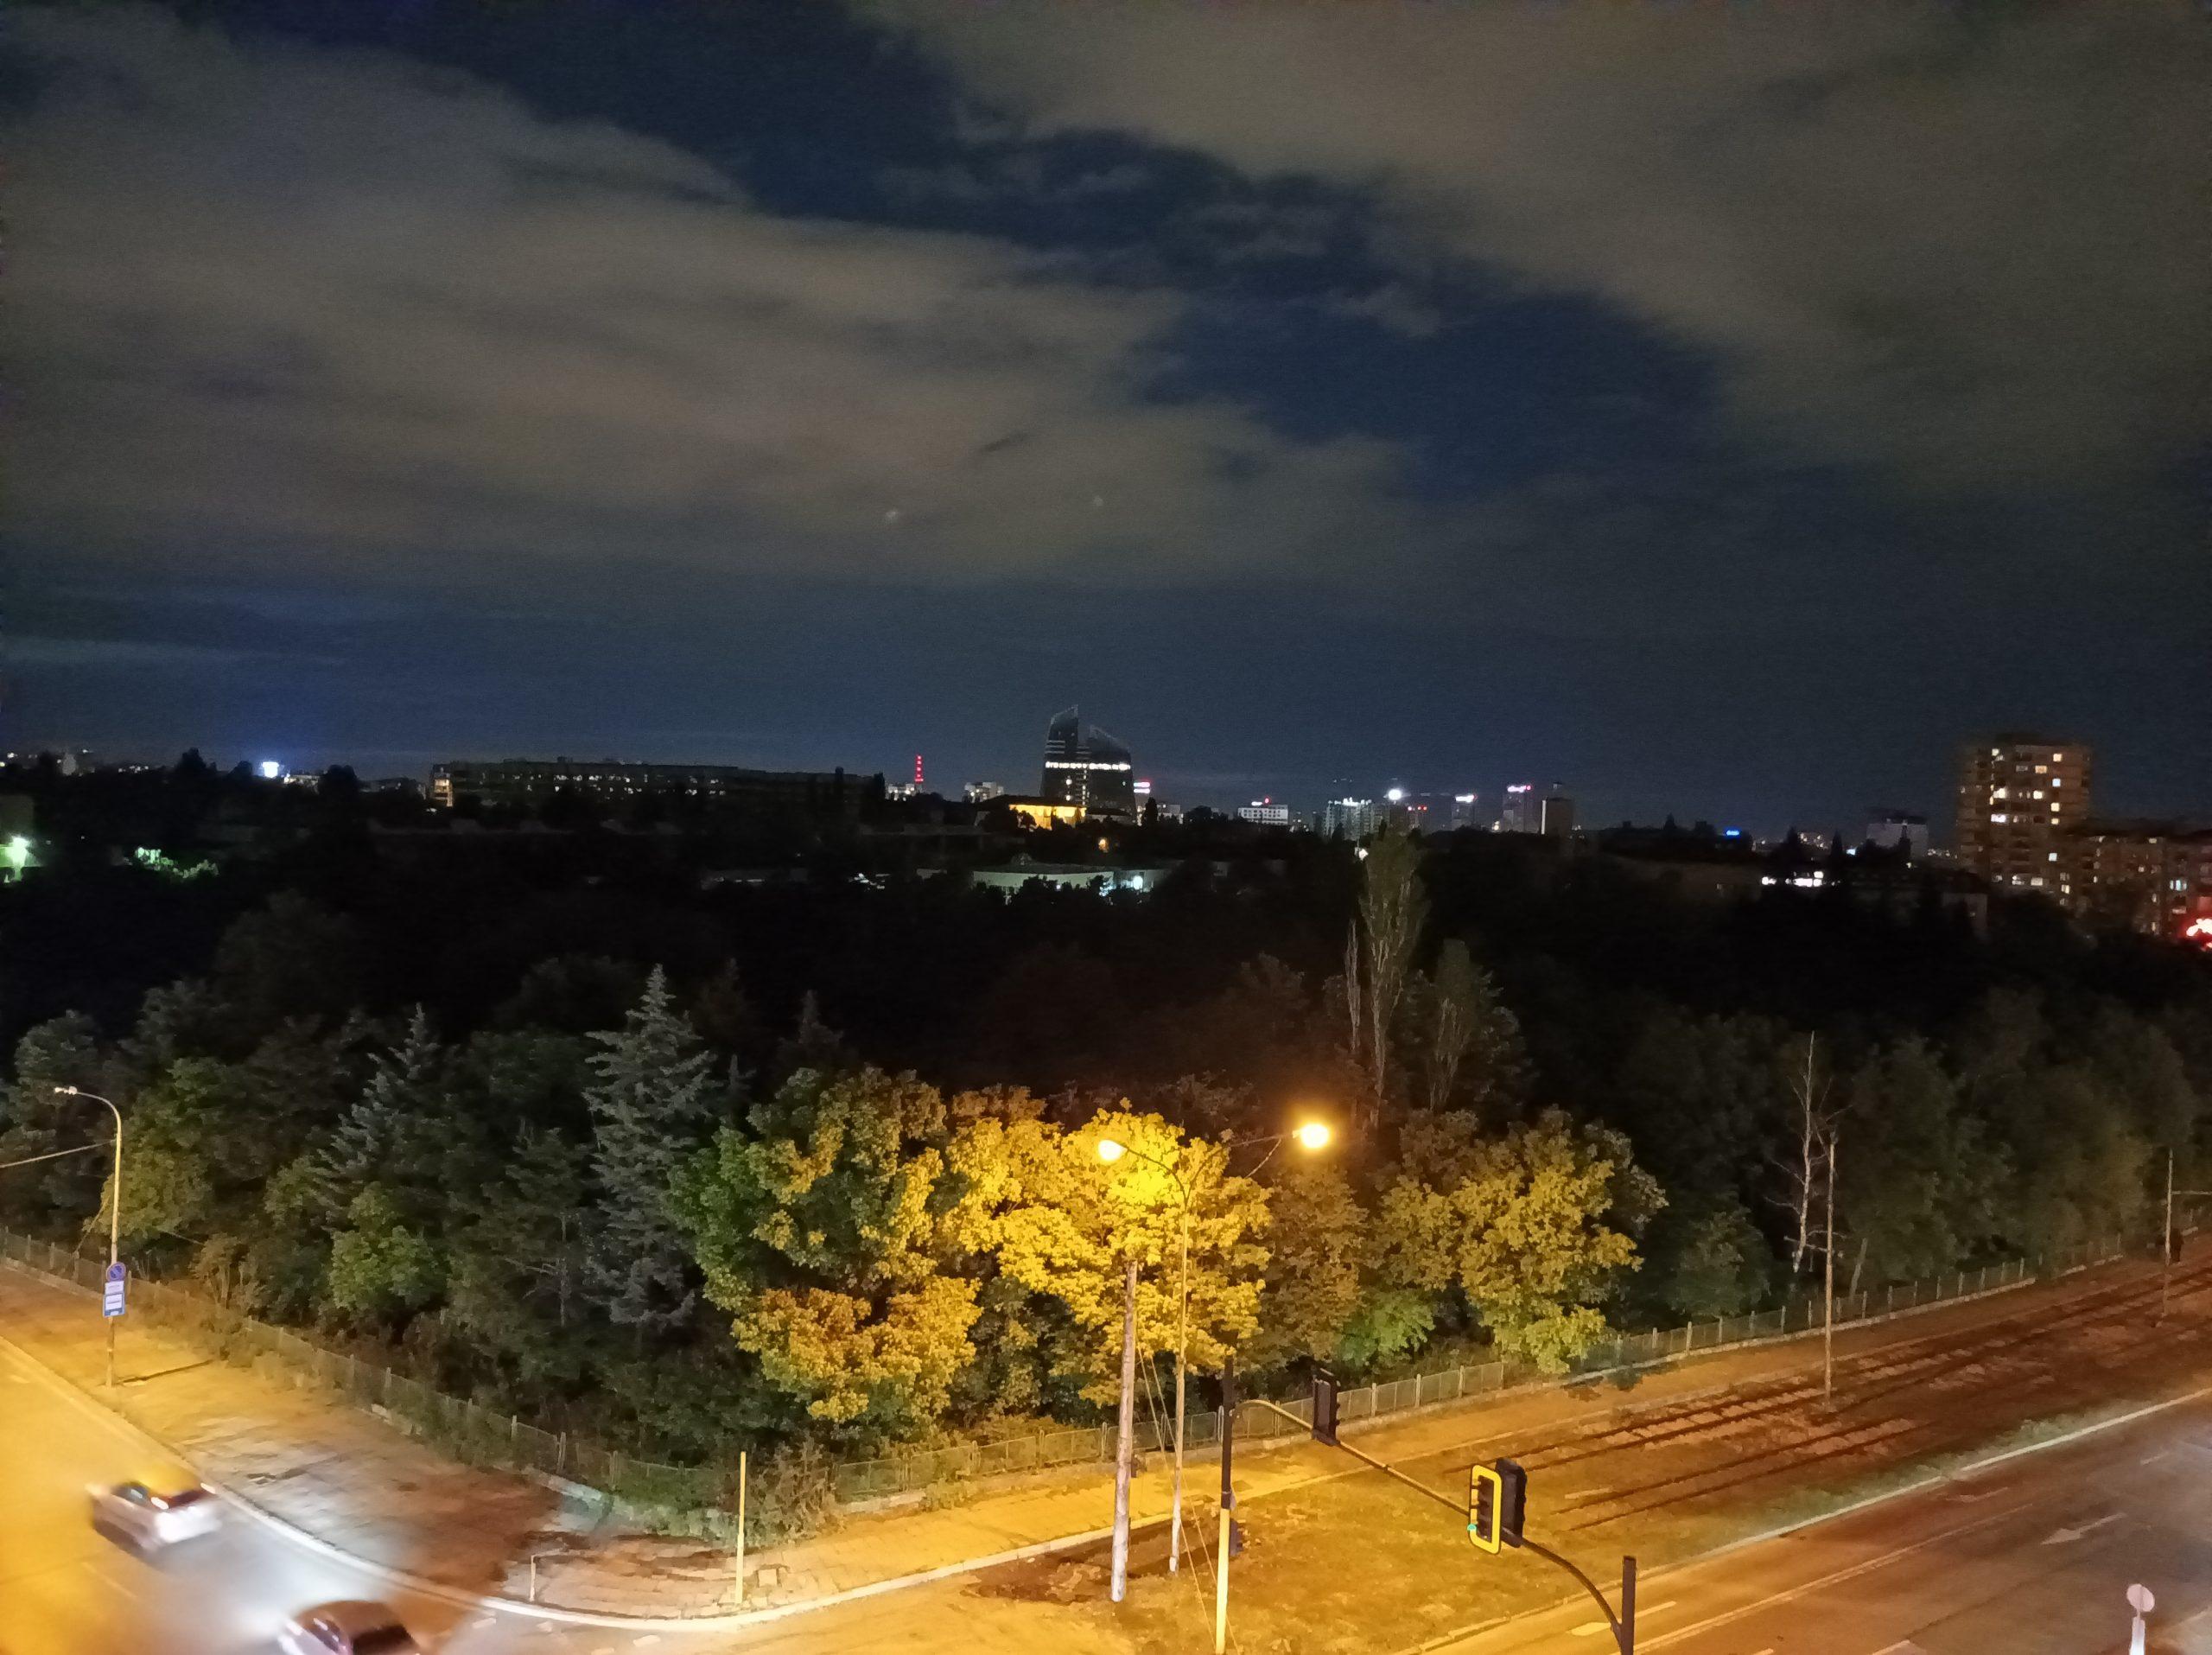 دوربین اصلی در شب. 3 scaled